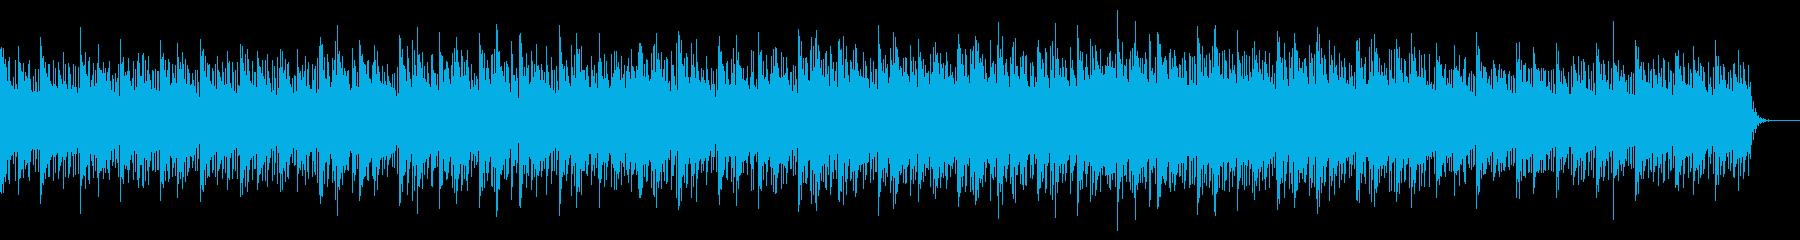 【ドラム抜き】ポップで明るめ//企業VPの再生済みの波形